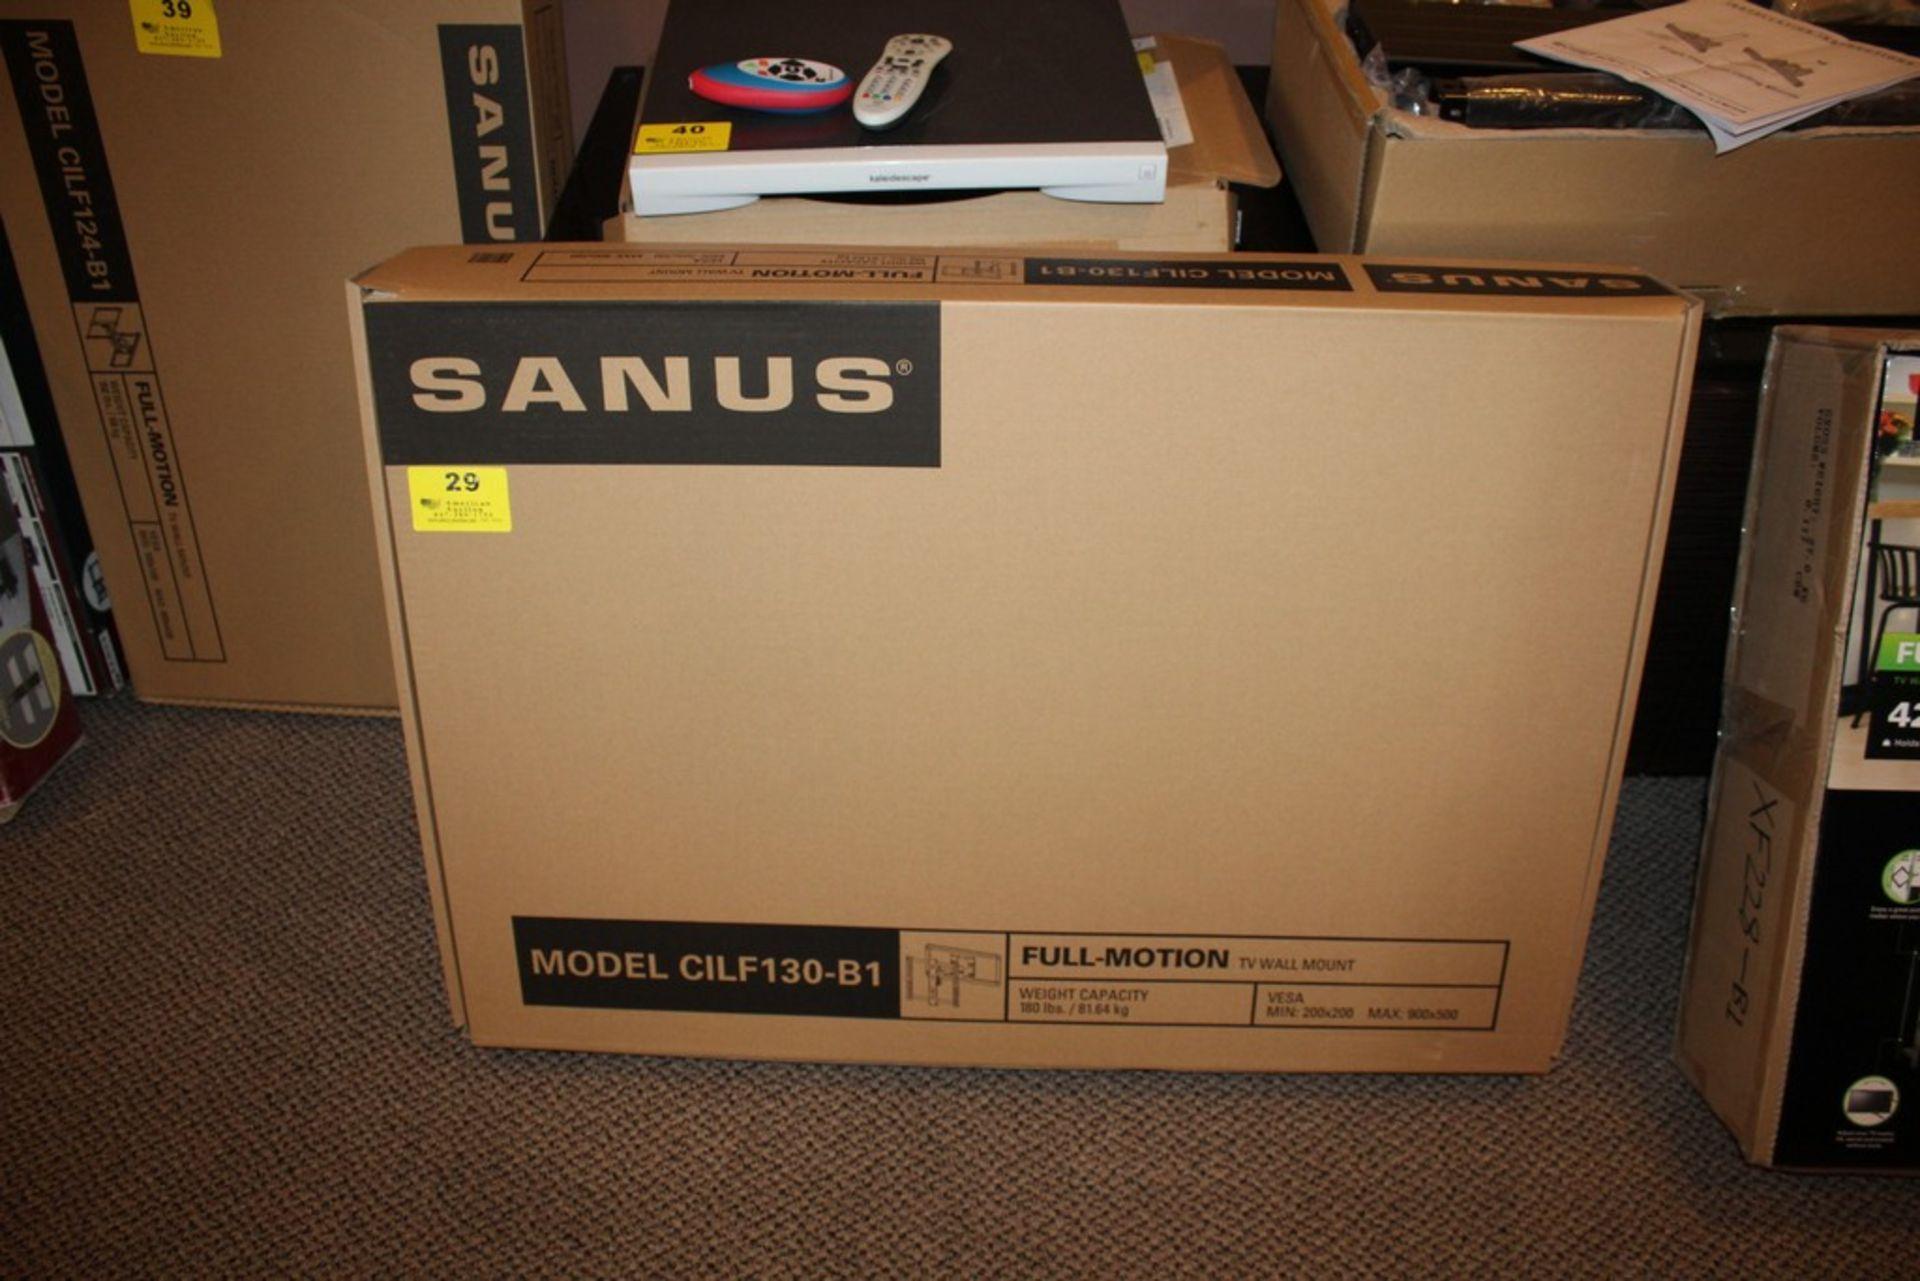 Lot 29 - SANUS MODEL CILF130-B1 FULL MOTION TV WALL MOUNT, VESA MIN: 200X200 & MAX: 900X500, UP TO 180LBS.